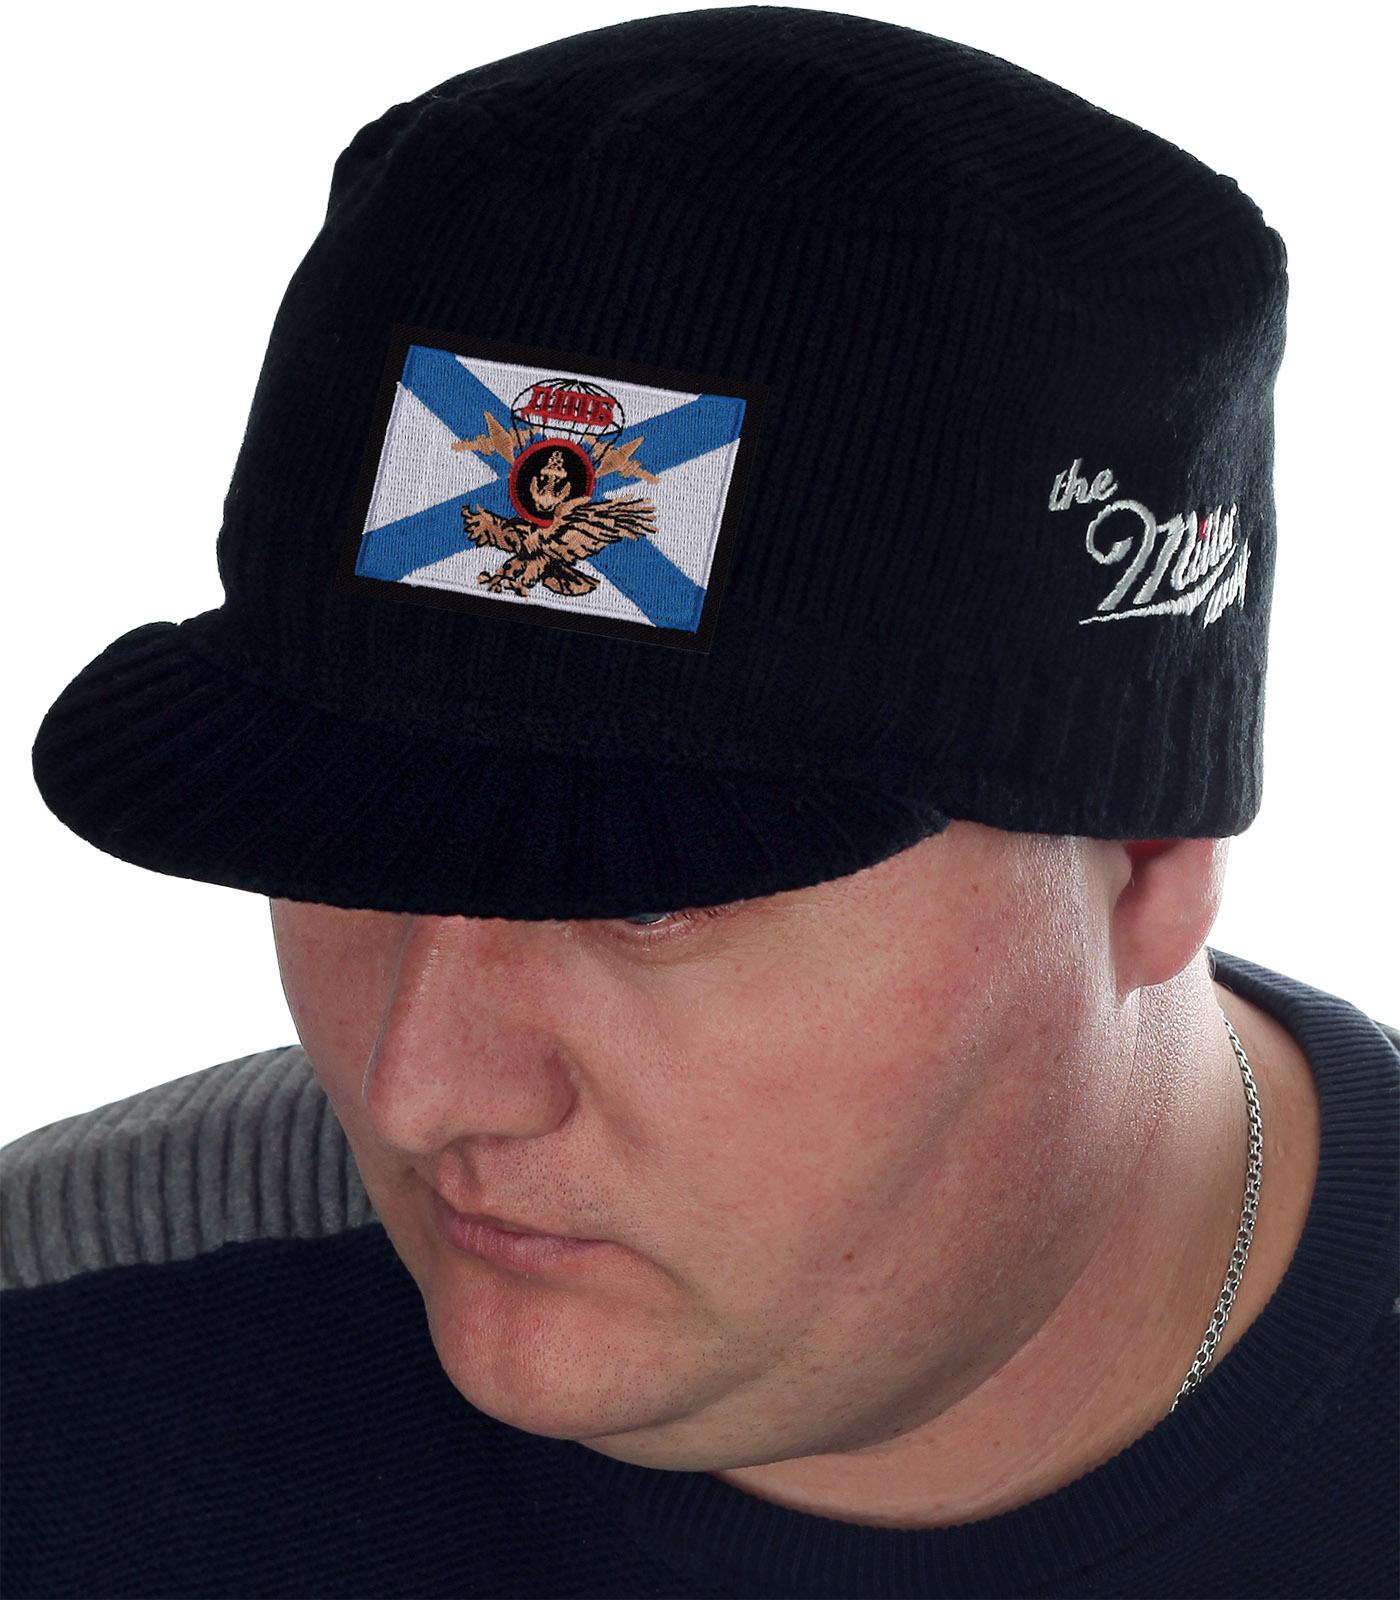 Утепленная кепка-шапка Miller с нашивкой ДШБ Морпех - заказать с доставкой